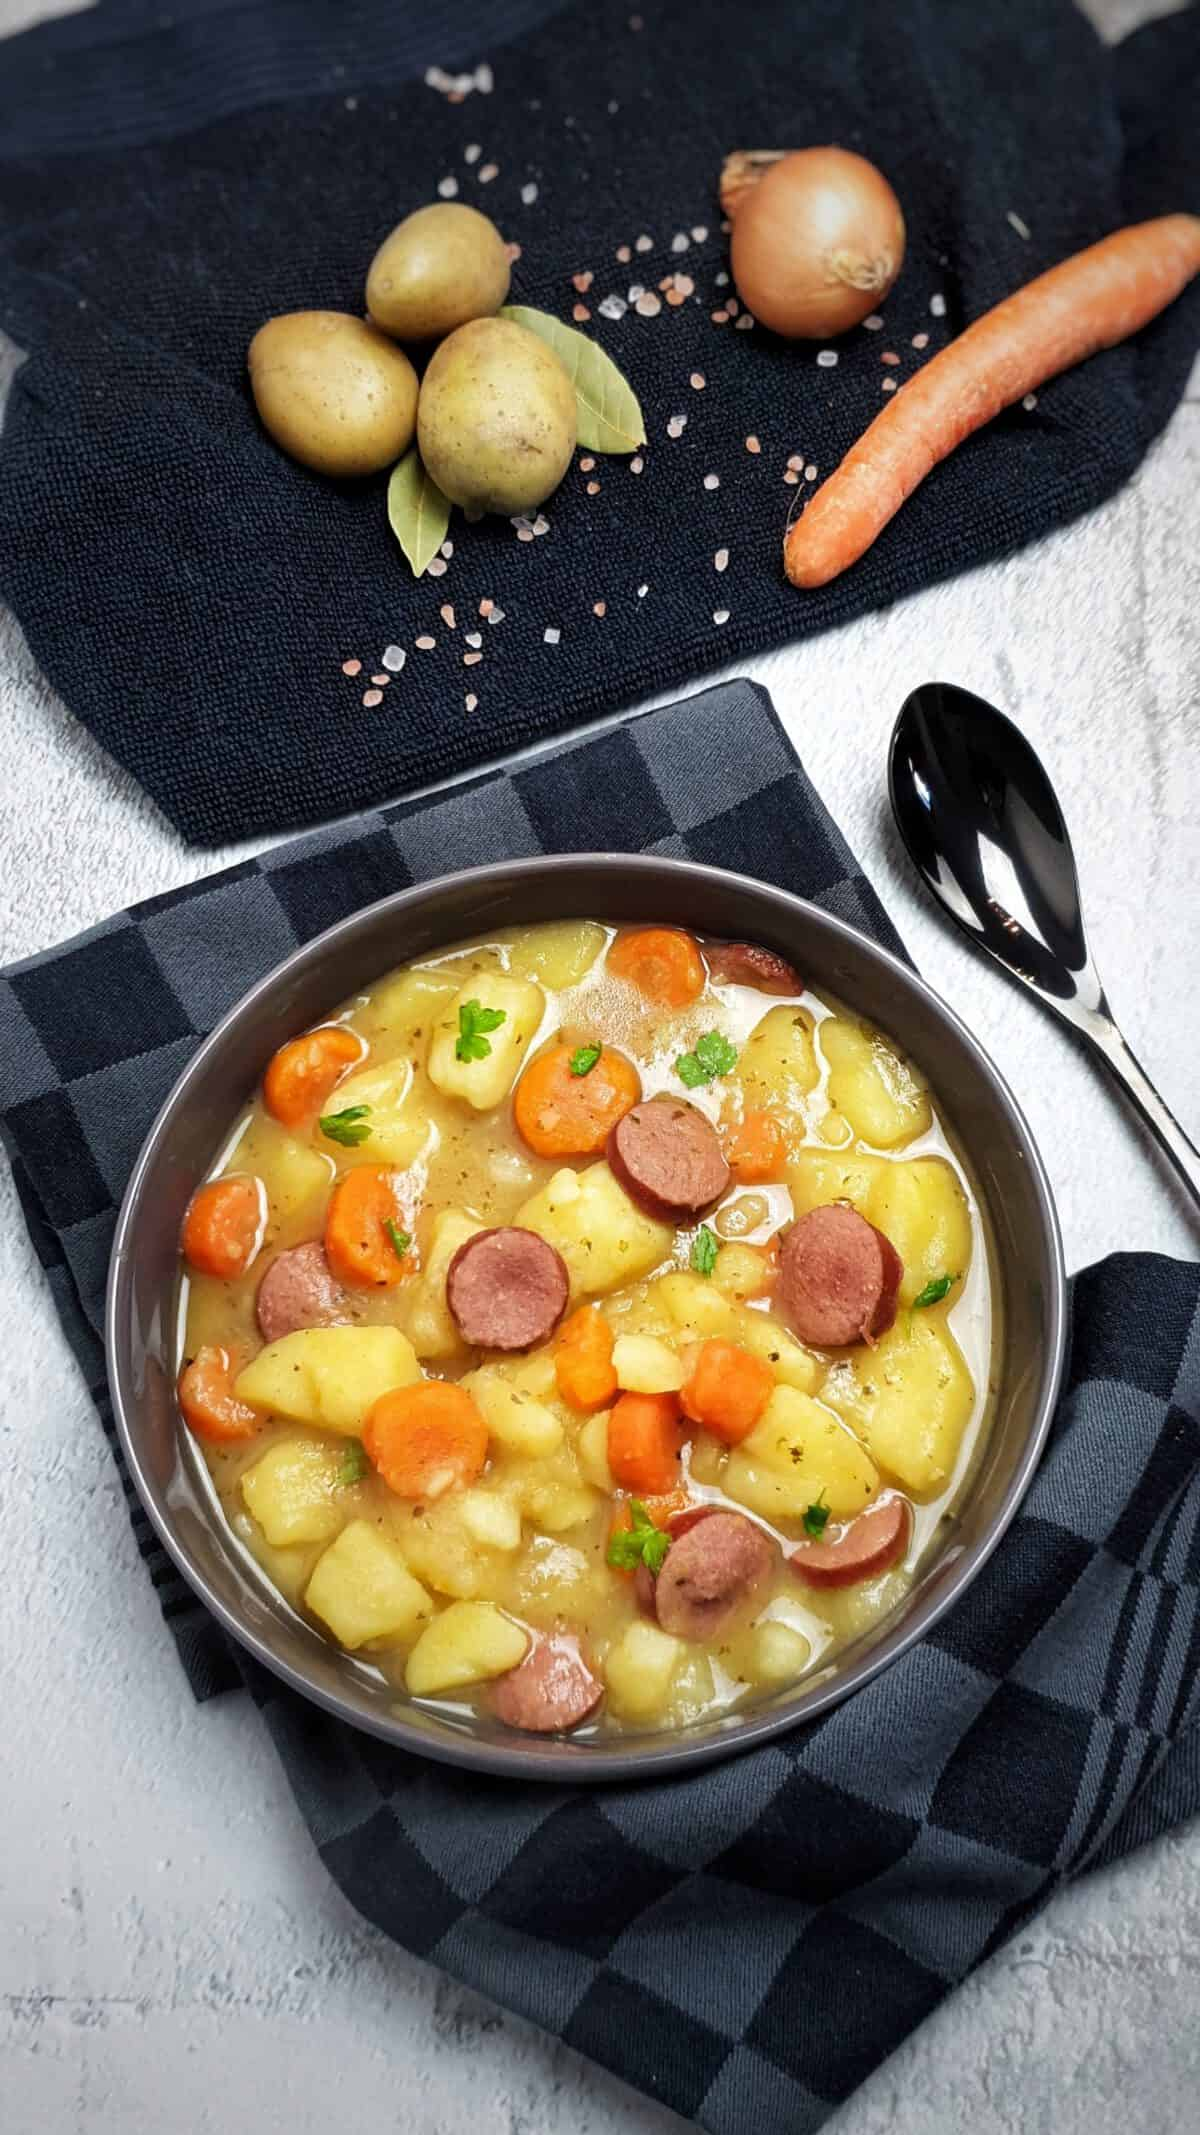 In einer grauen Schale angerichtet ein Kartoffel-Möhren Eintopf mit Wurst. Bestreut mit Petersilie. Im Hintergrund Deko.